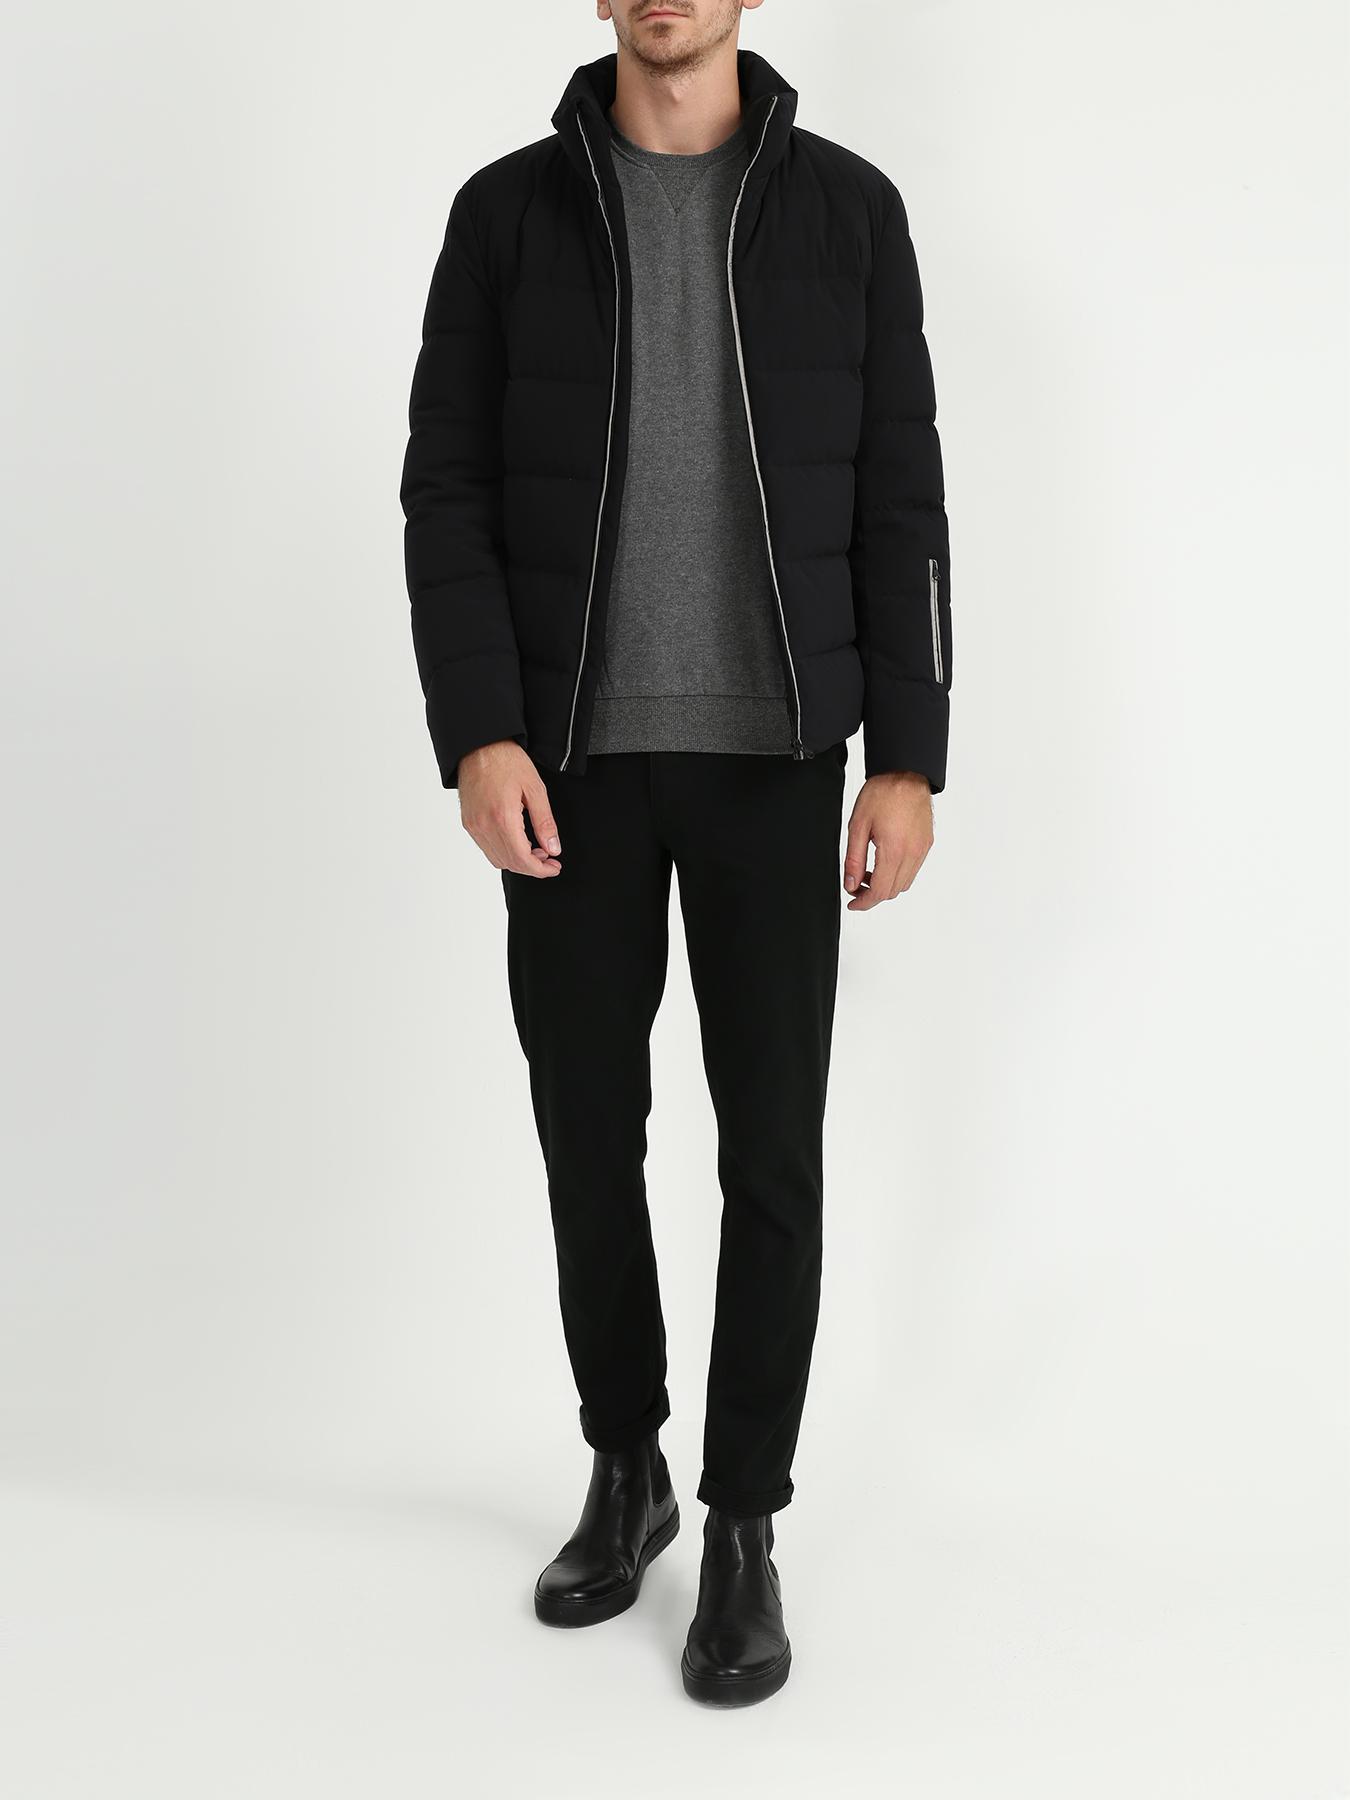 Alessandro Manzoni Мужская куртка 317283-026